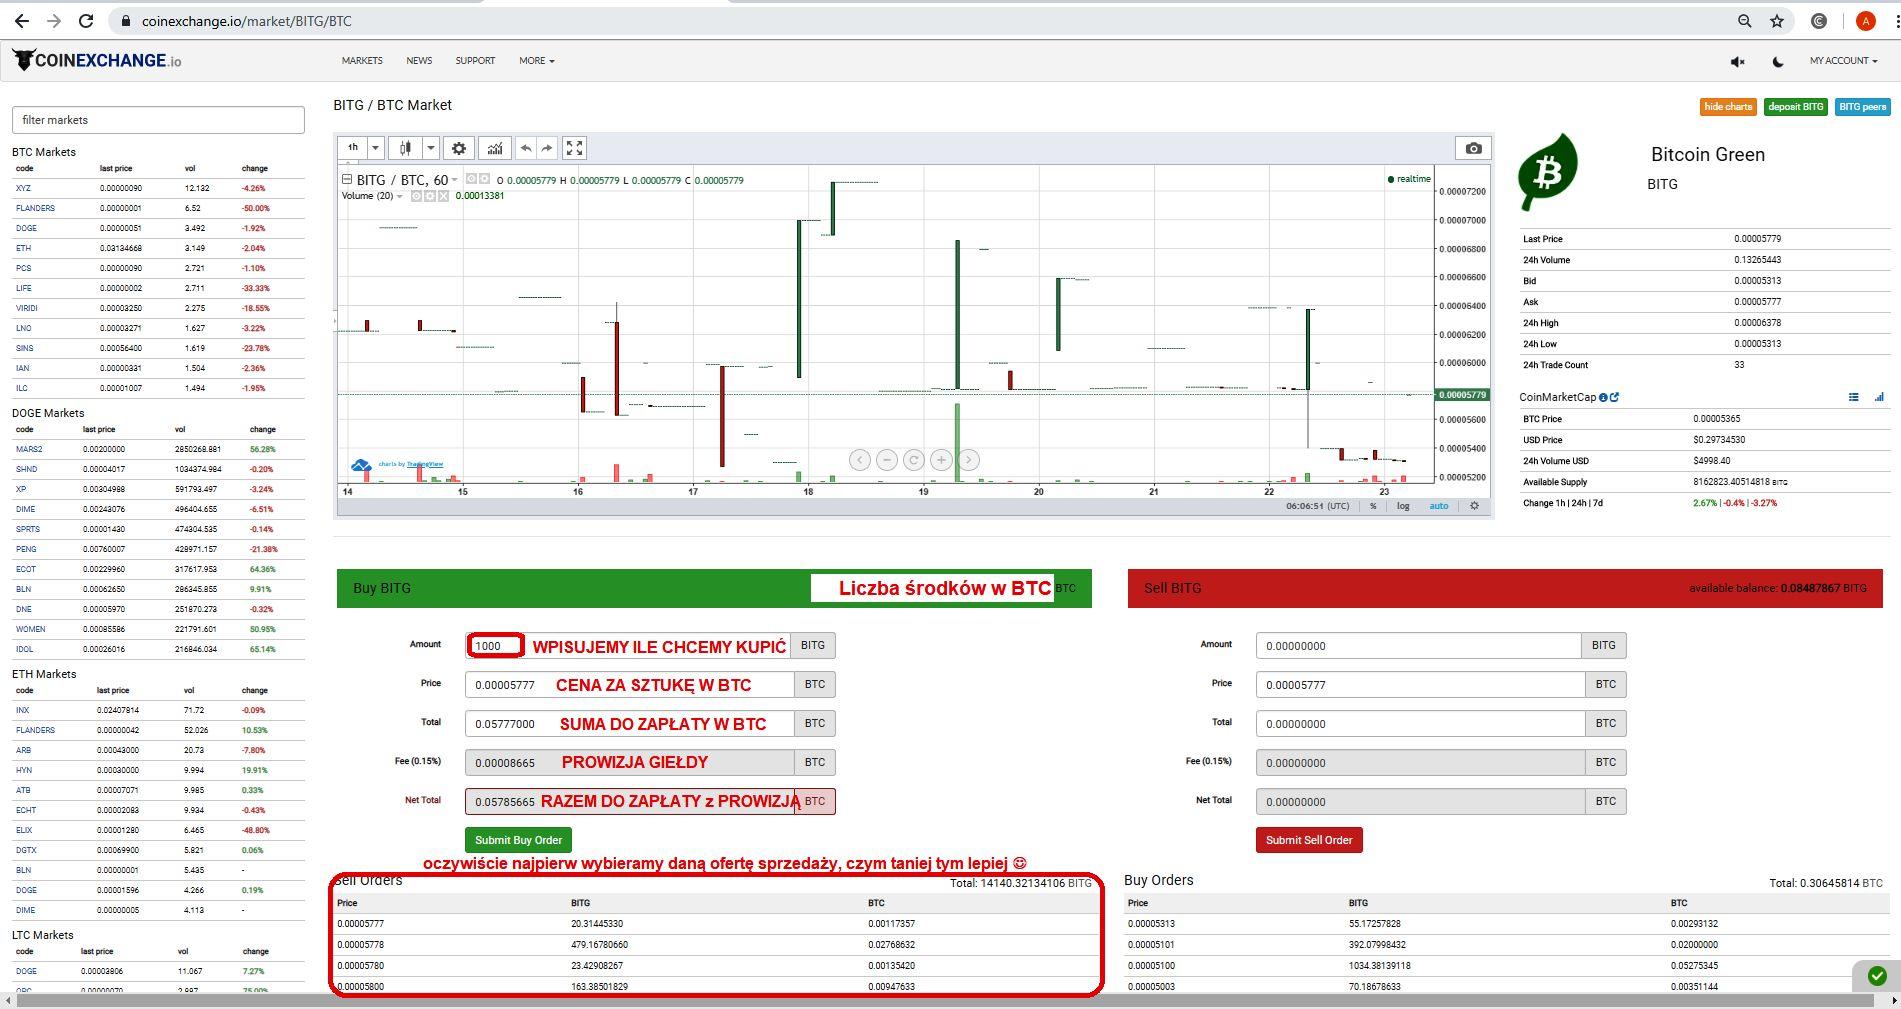 jak inwestować w kryptowaluty giełda coinexchange zakub Bitcoin Green 2